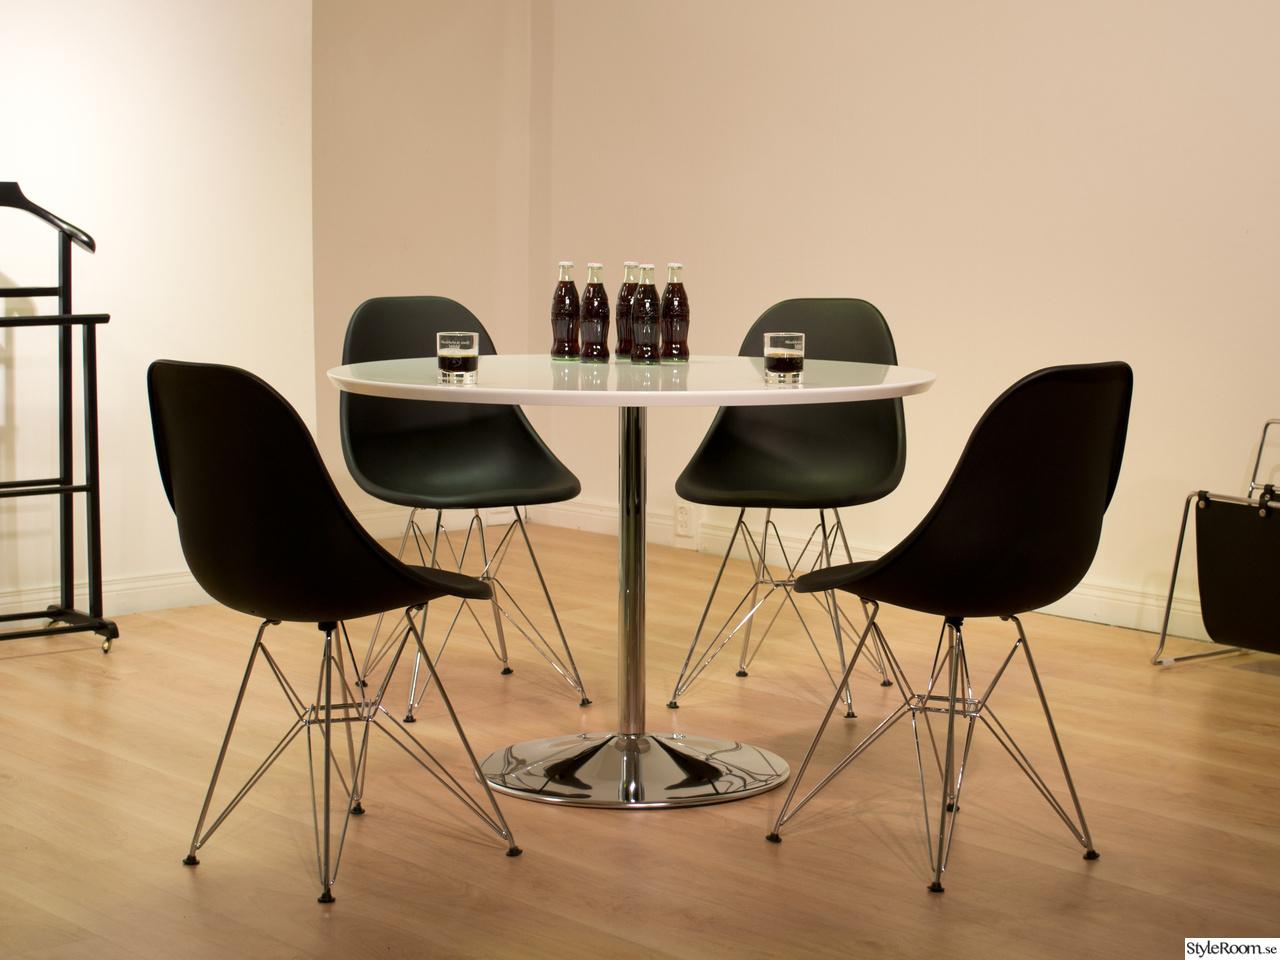 Ny lägenhet, vilka stolar? Ett inredningsalbum på StyleRoom av jenniferst